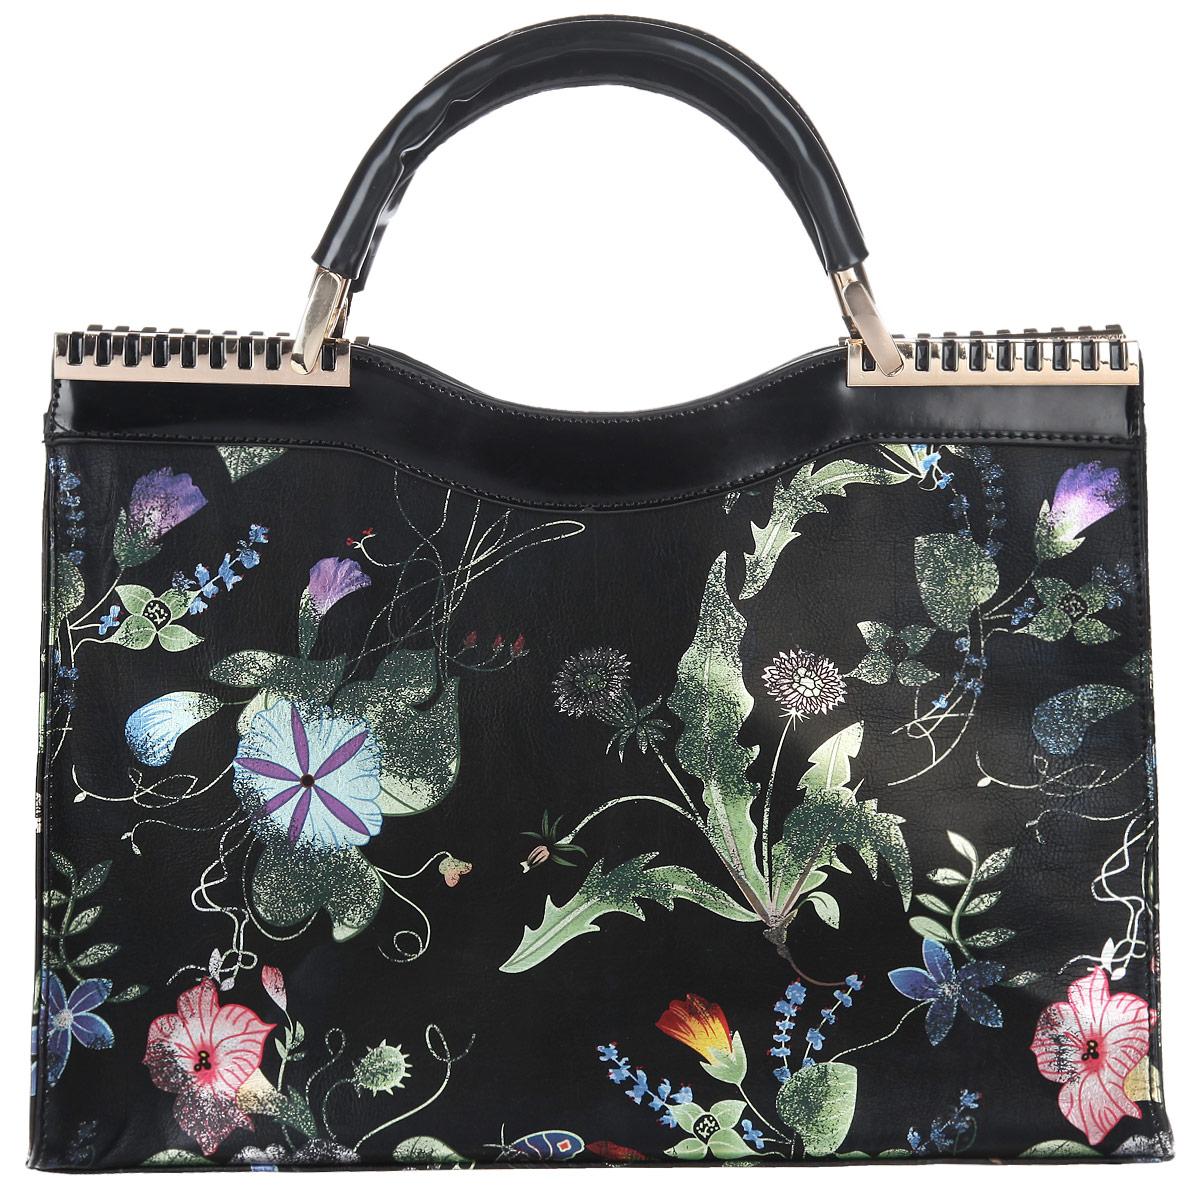 Сумка женская Renee Kler, цвет: черный, мультицвет. RF025-00RF025-00Стильная женская сумка Renee Kler выполнена из искусственной кожи, оформлена оригинальным цветочным принтом. Изделие содержит одно отделение, которое закрывается на застежку-молнию. Внутри сумки расположены два накладных кармашка для мелочей, врезной карман на застежке-молнии и карман-средник на молнии. Снаружи, на задней стороне изделия, расположен врезной карман на молнии. Сумка оснащена удобными ручками и съемным плечевым ремнем регулируемой длины, которые позволят носить изделие, как в руках, так и на плече. Ручки дополнены металлической фурнитурой. Практичный аксессуар позволит вам завершить образ и быть неотразимой.